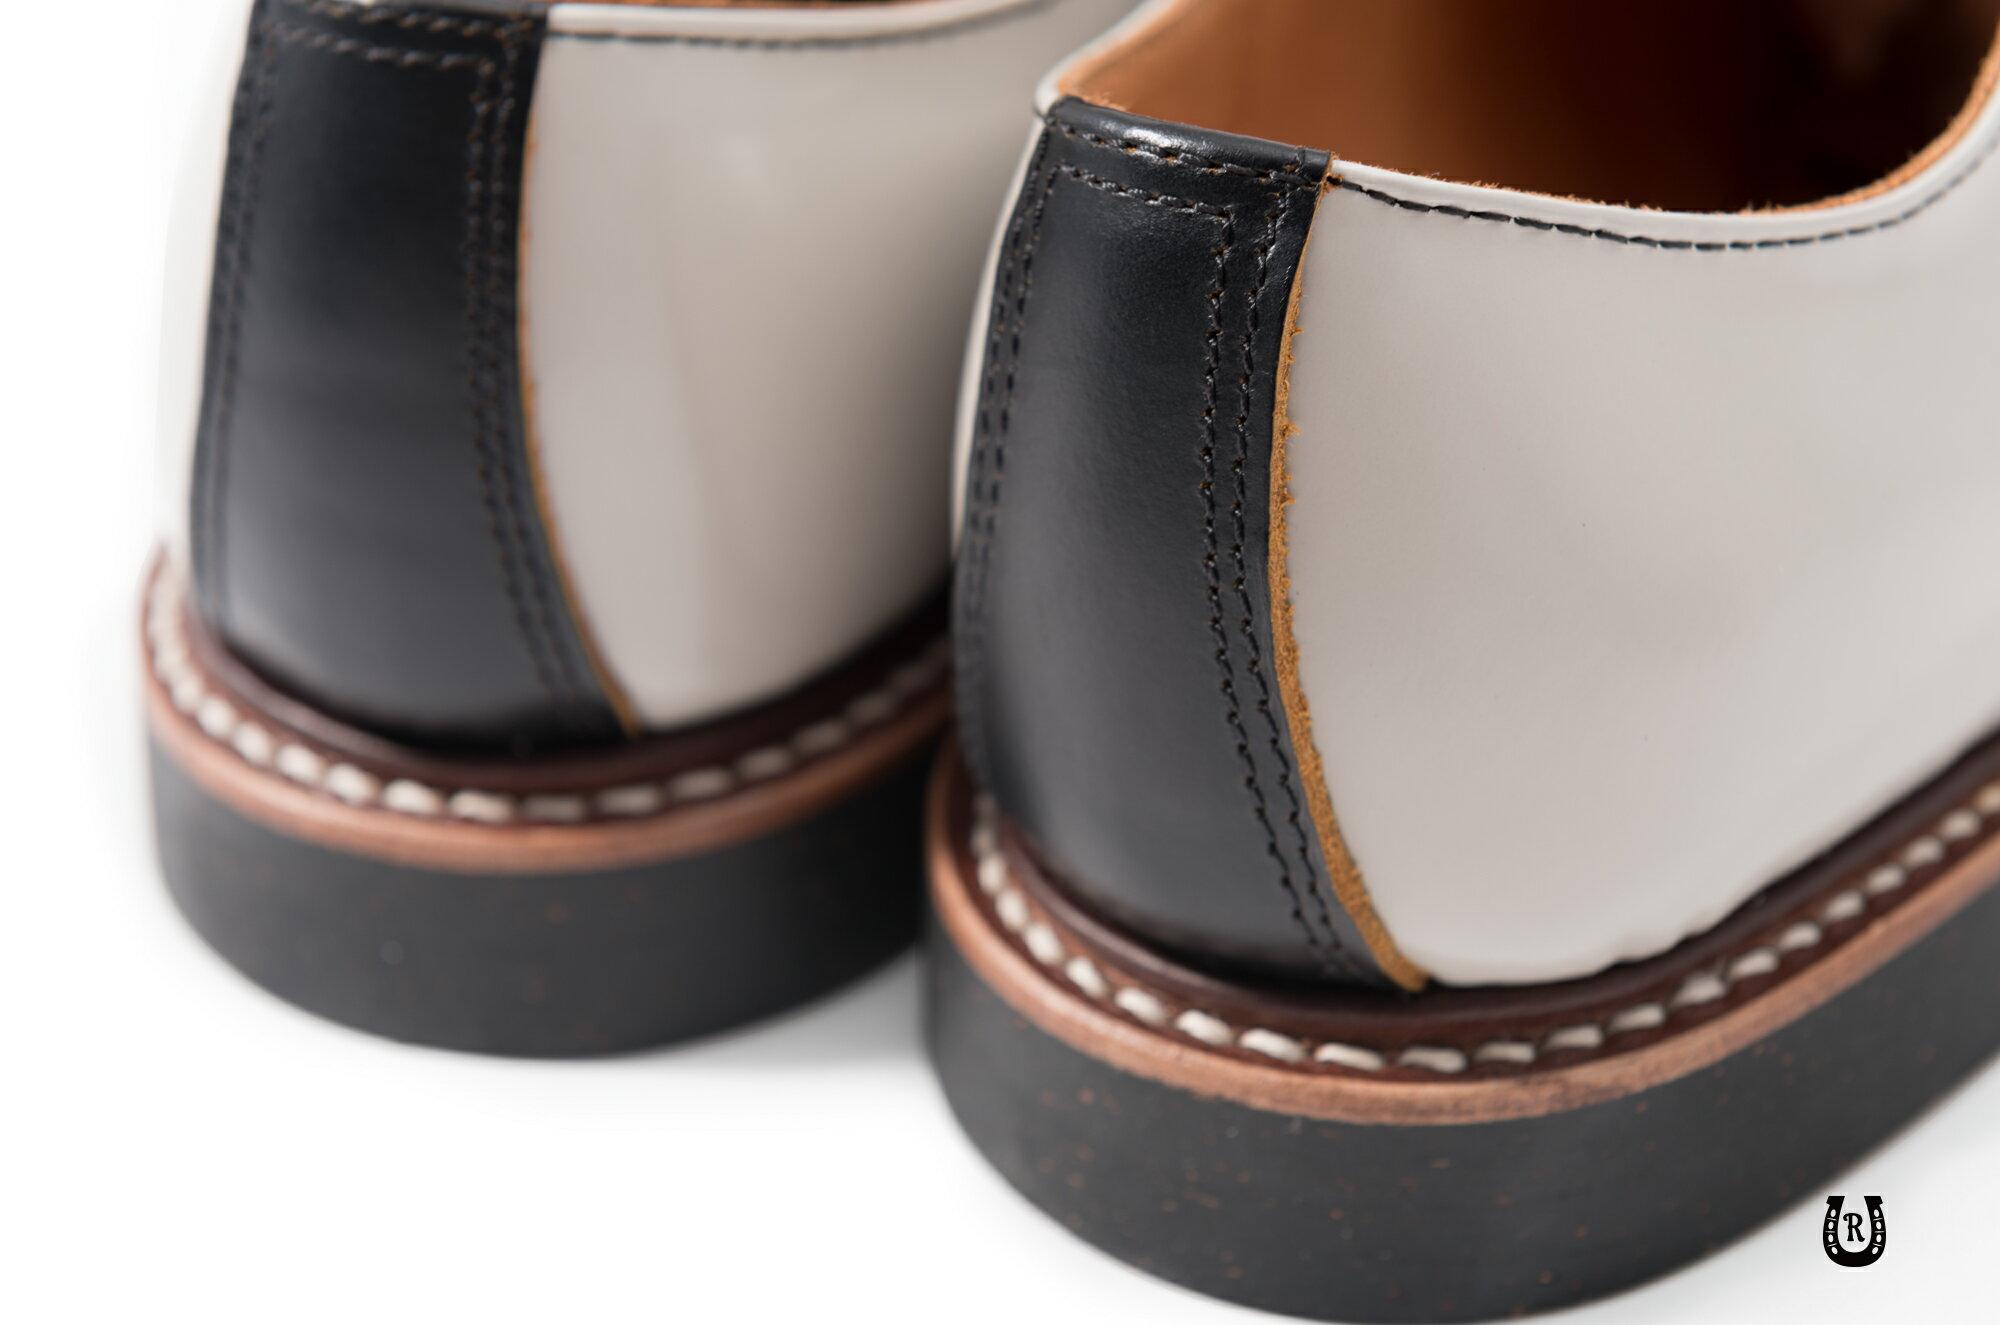 【預購八折】Retrodandy Saddle shoes 經典復古工作皮鞋 日廠Goodyear固特異手工製鞋法 7